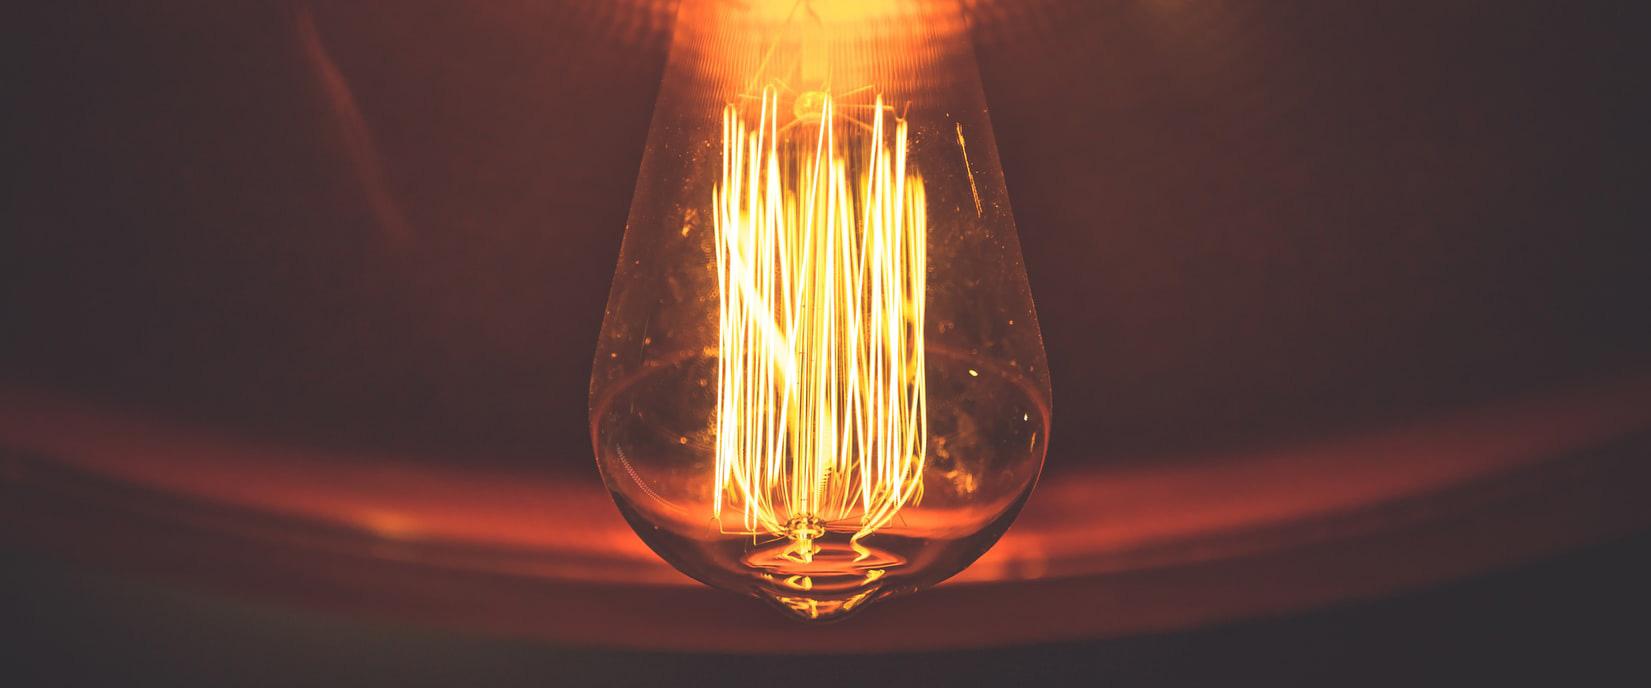 Tarifas de luz Iberdrola: ¿Cuál es al más barata? | Septiembre 2021